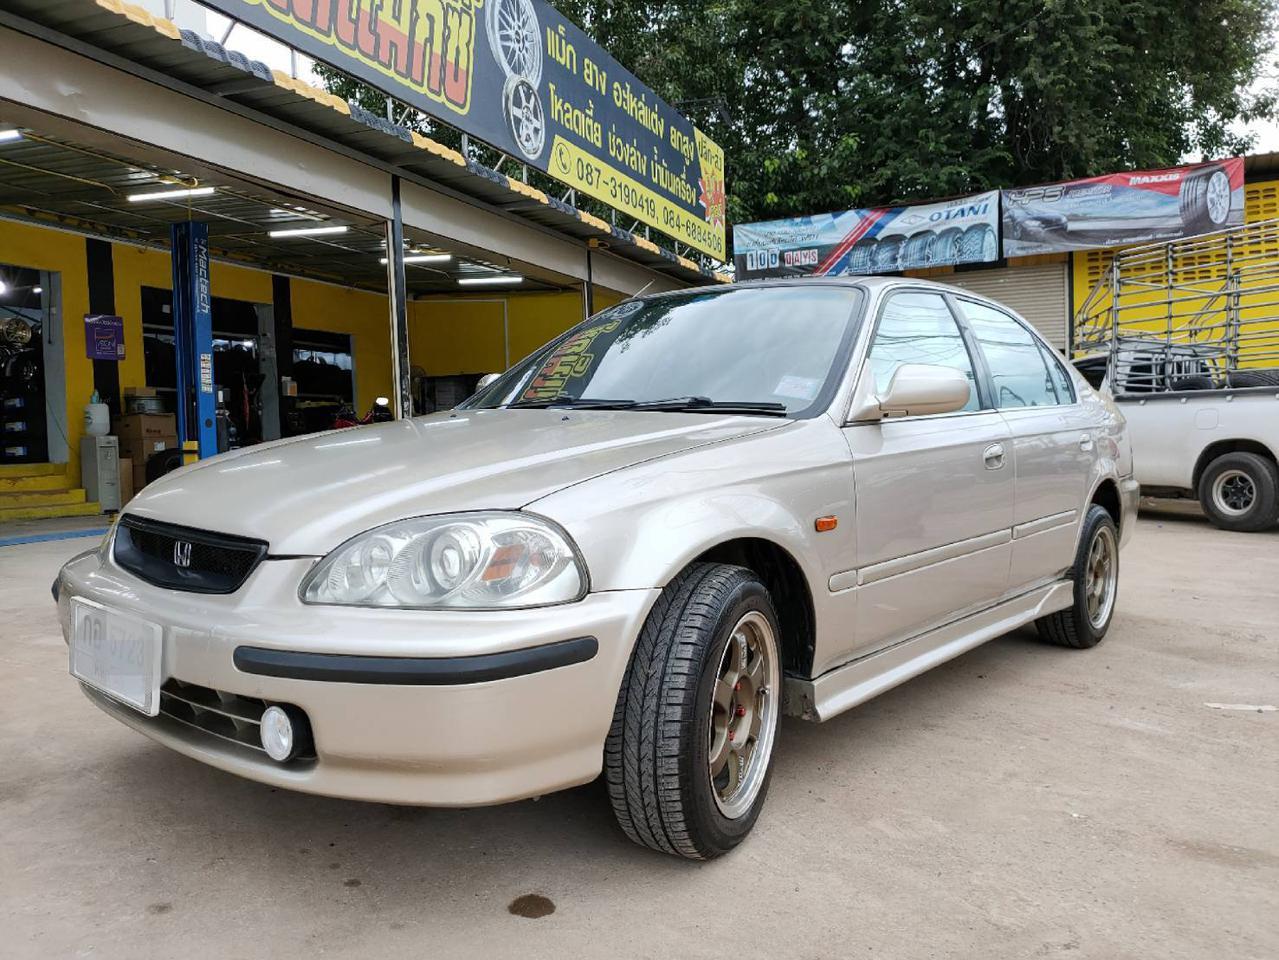 ขายรถเก๋ง Honda civic ตาโตปี 96  จ.พิษณุโลก รูปที่ 1